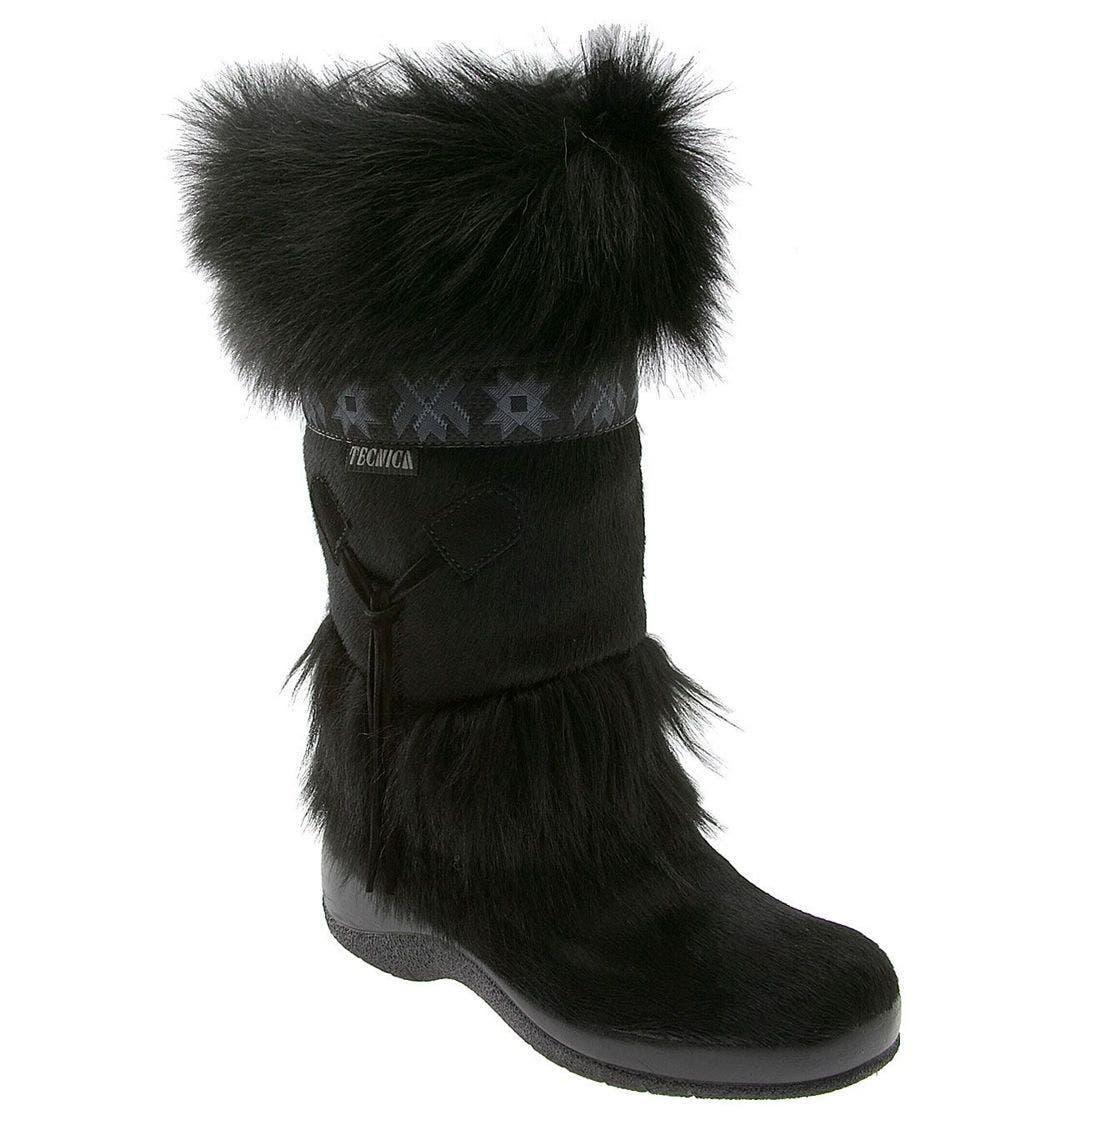 Main Image - Tecnica® 'Skandia' Boot